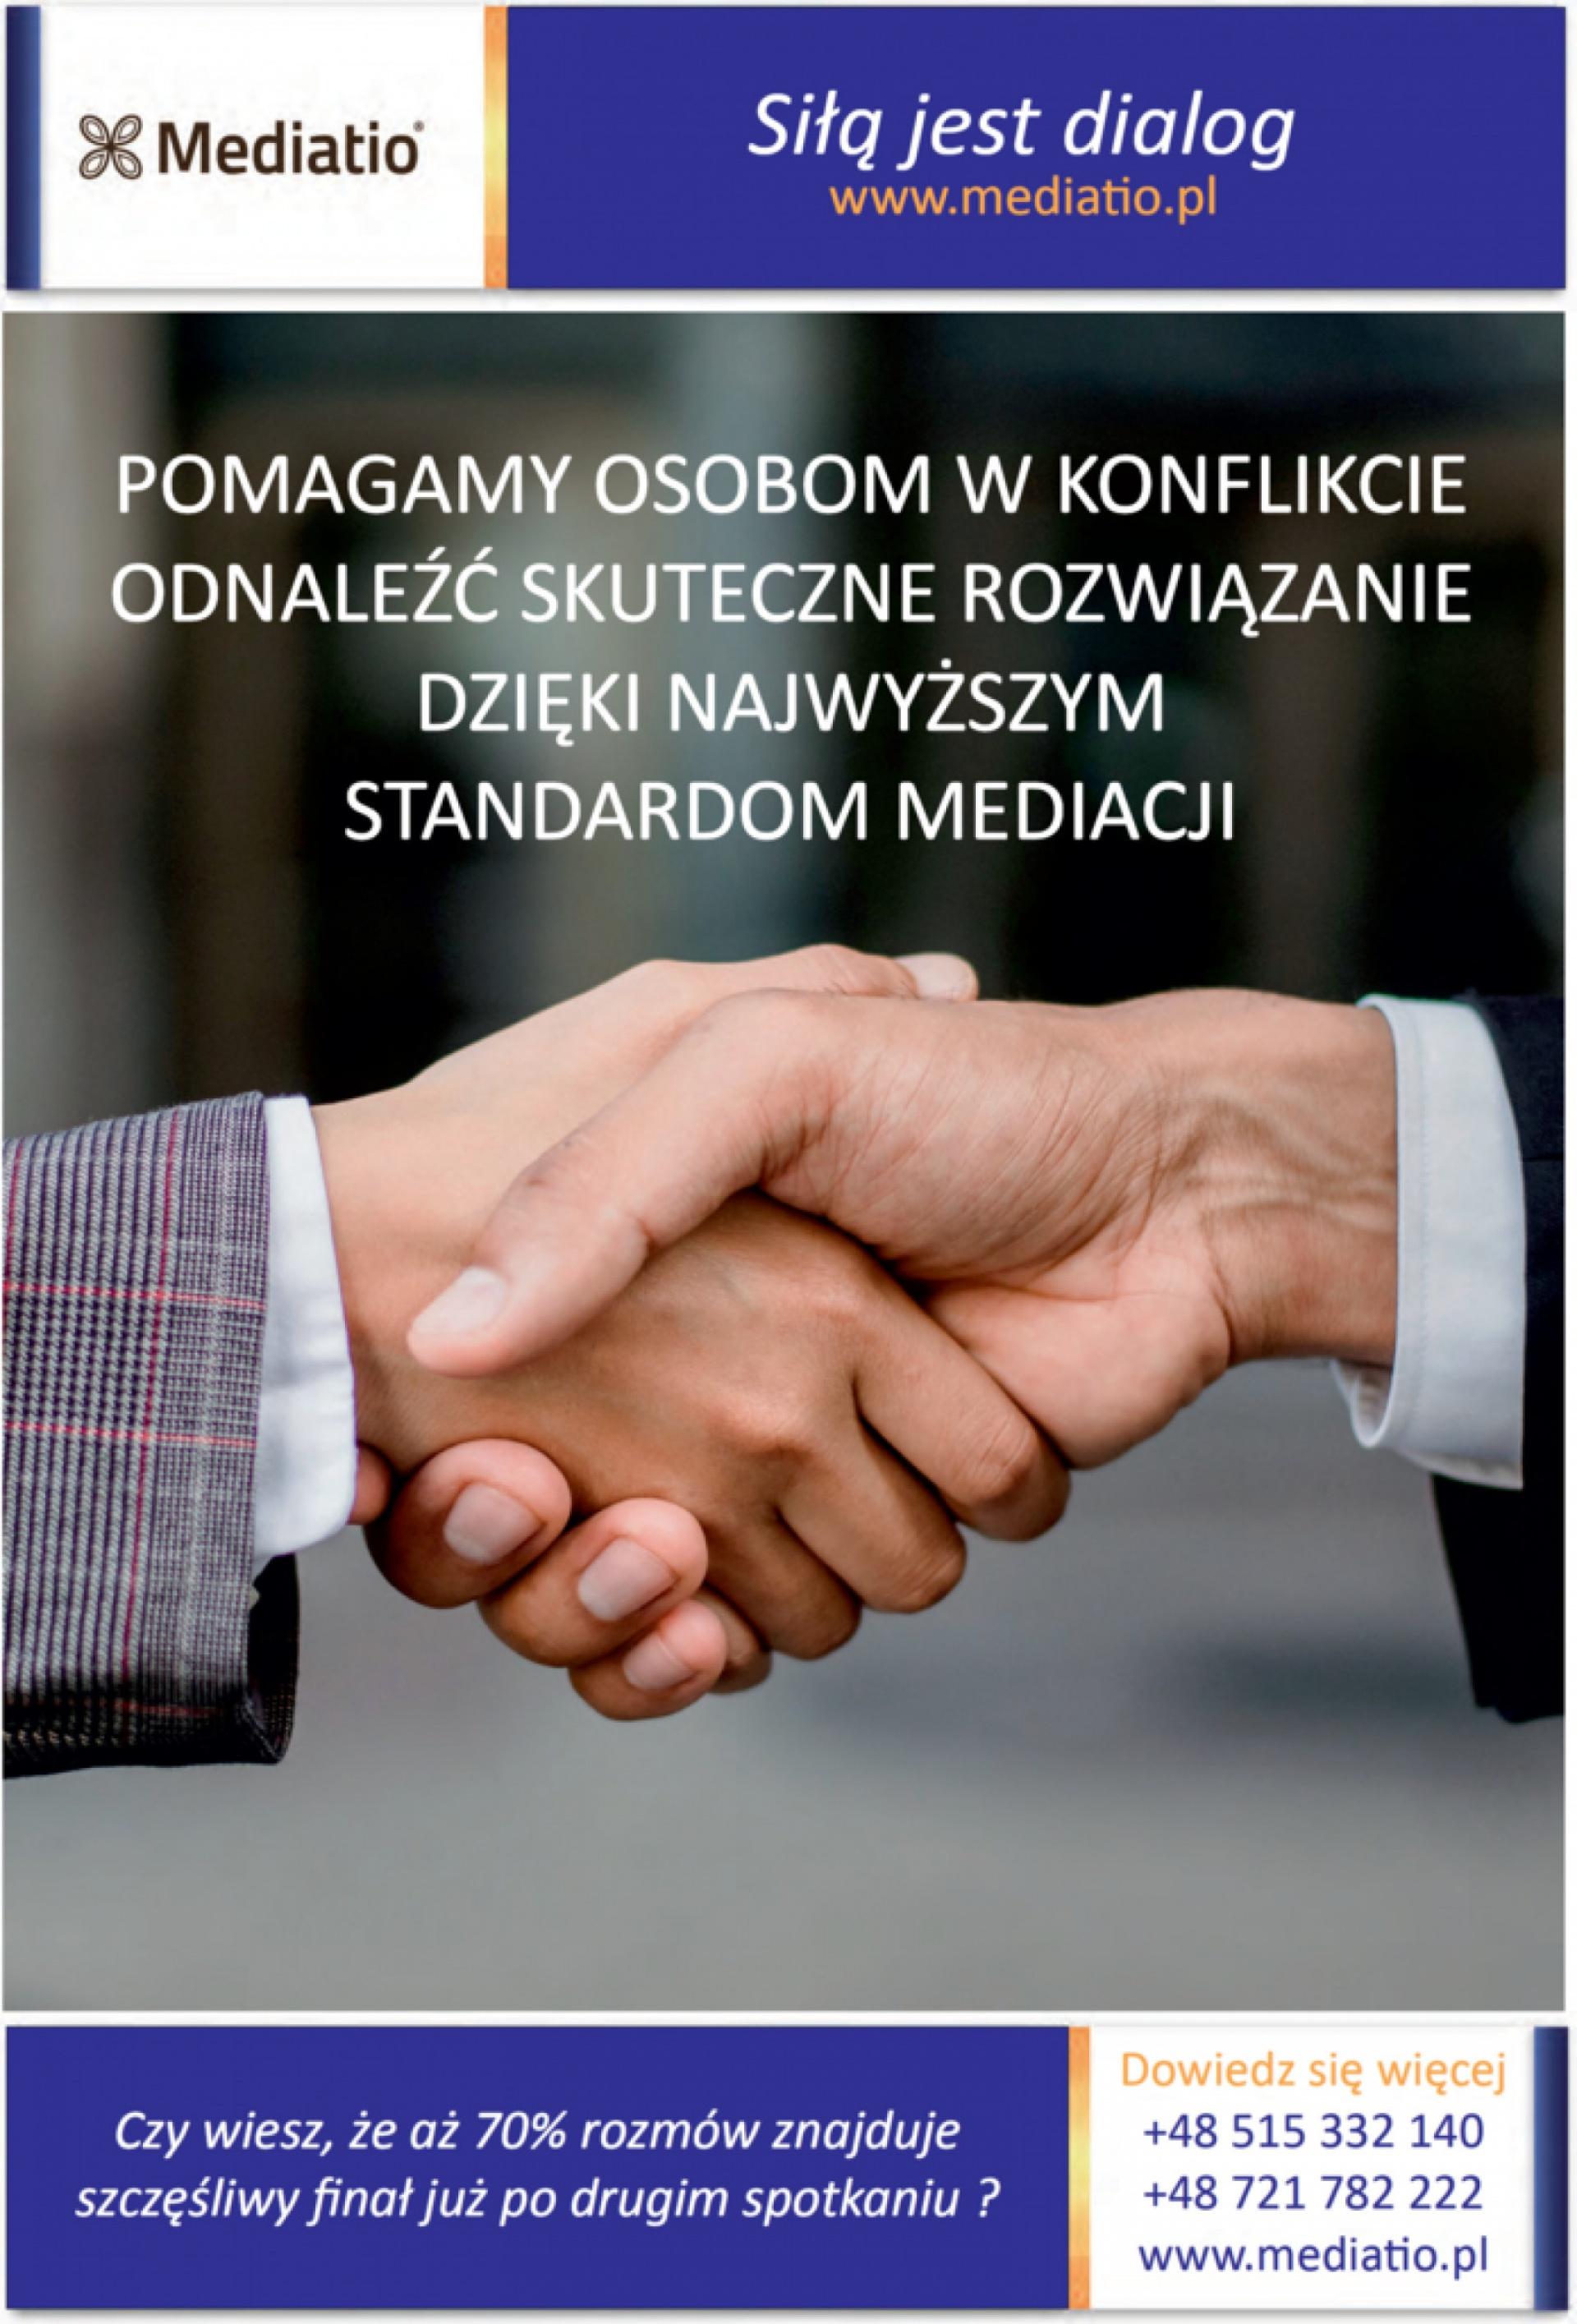 Fundacja Mediatio Siła jest dialog